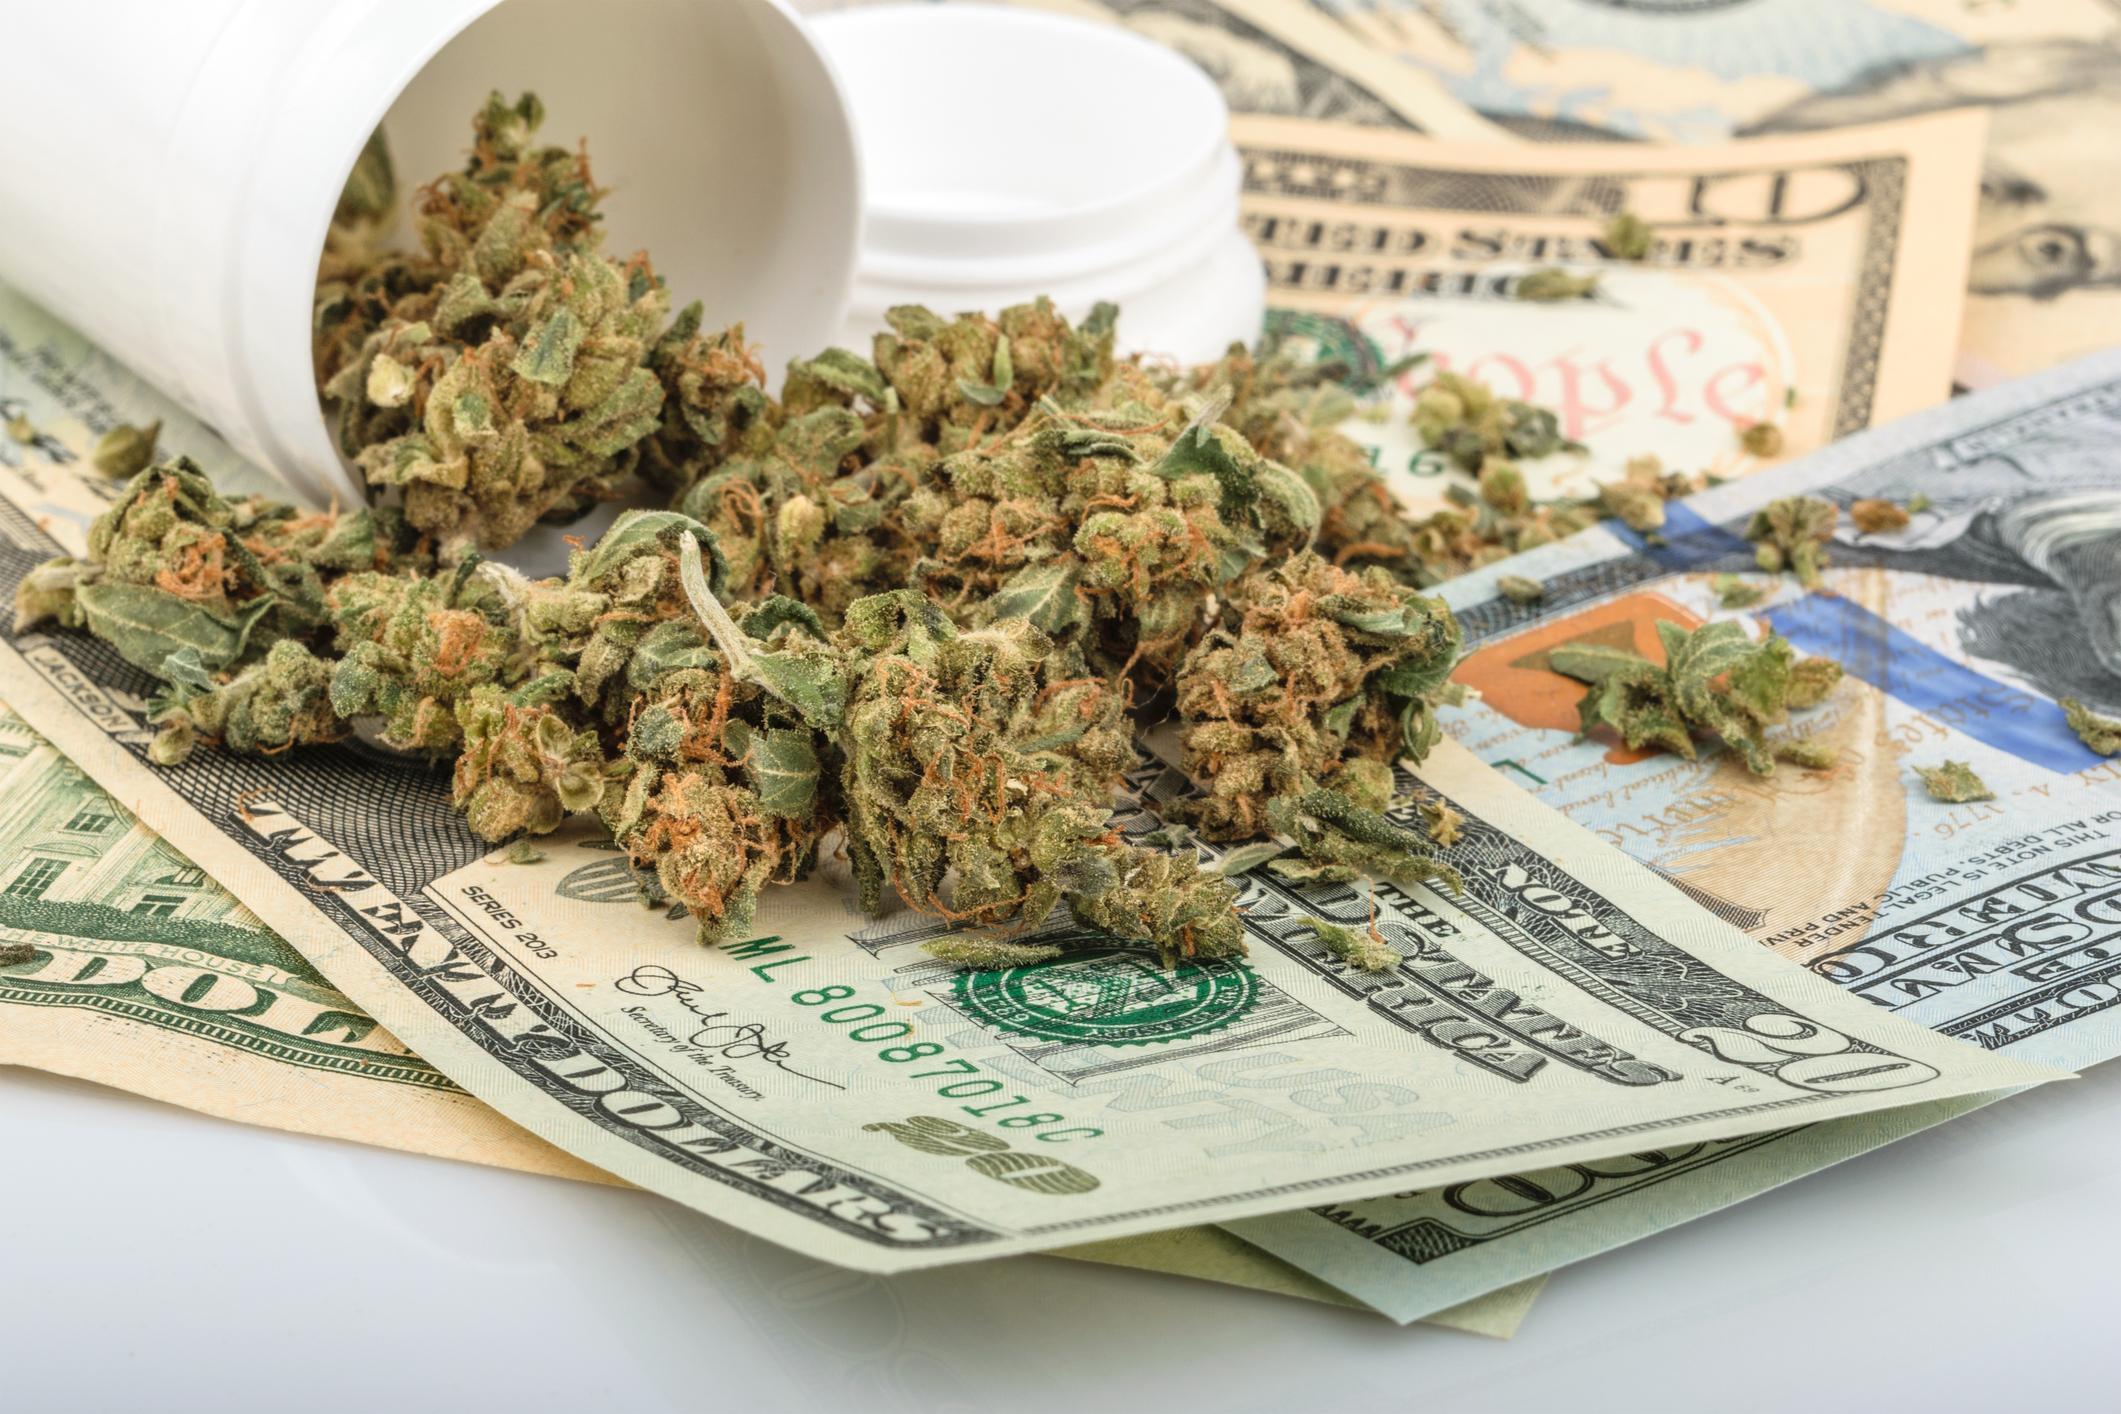 Marijuana buds on top of U.S. cash